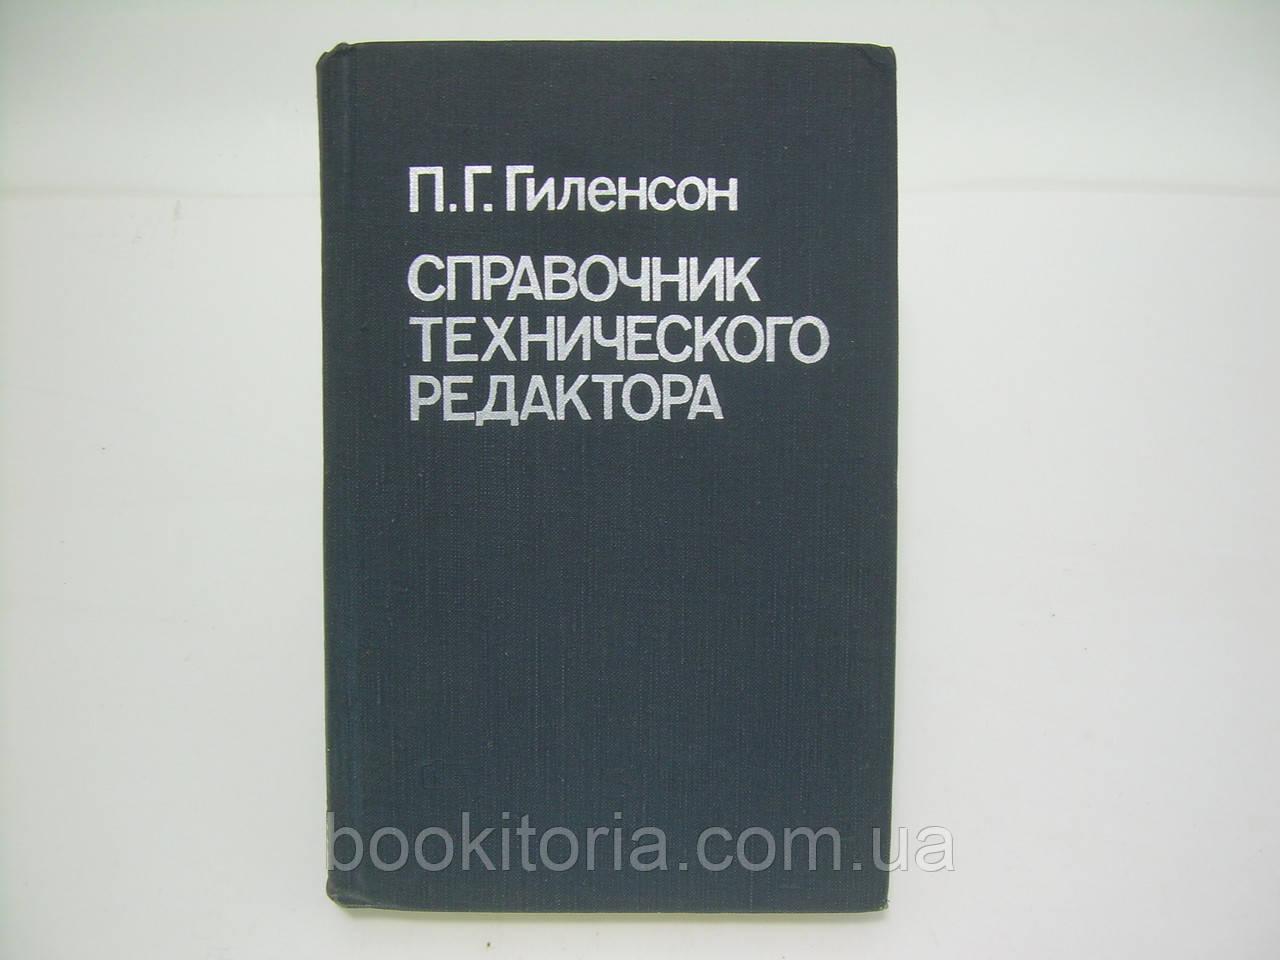 Гиленсон П.Г. Справочник технического редактора (б/у).